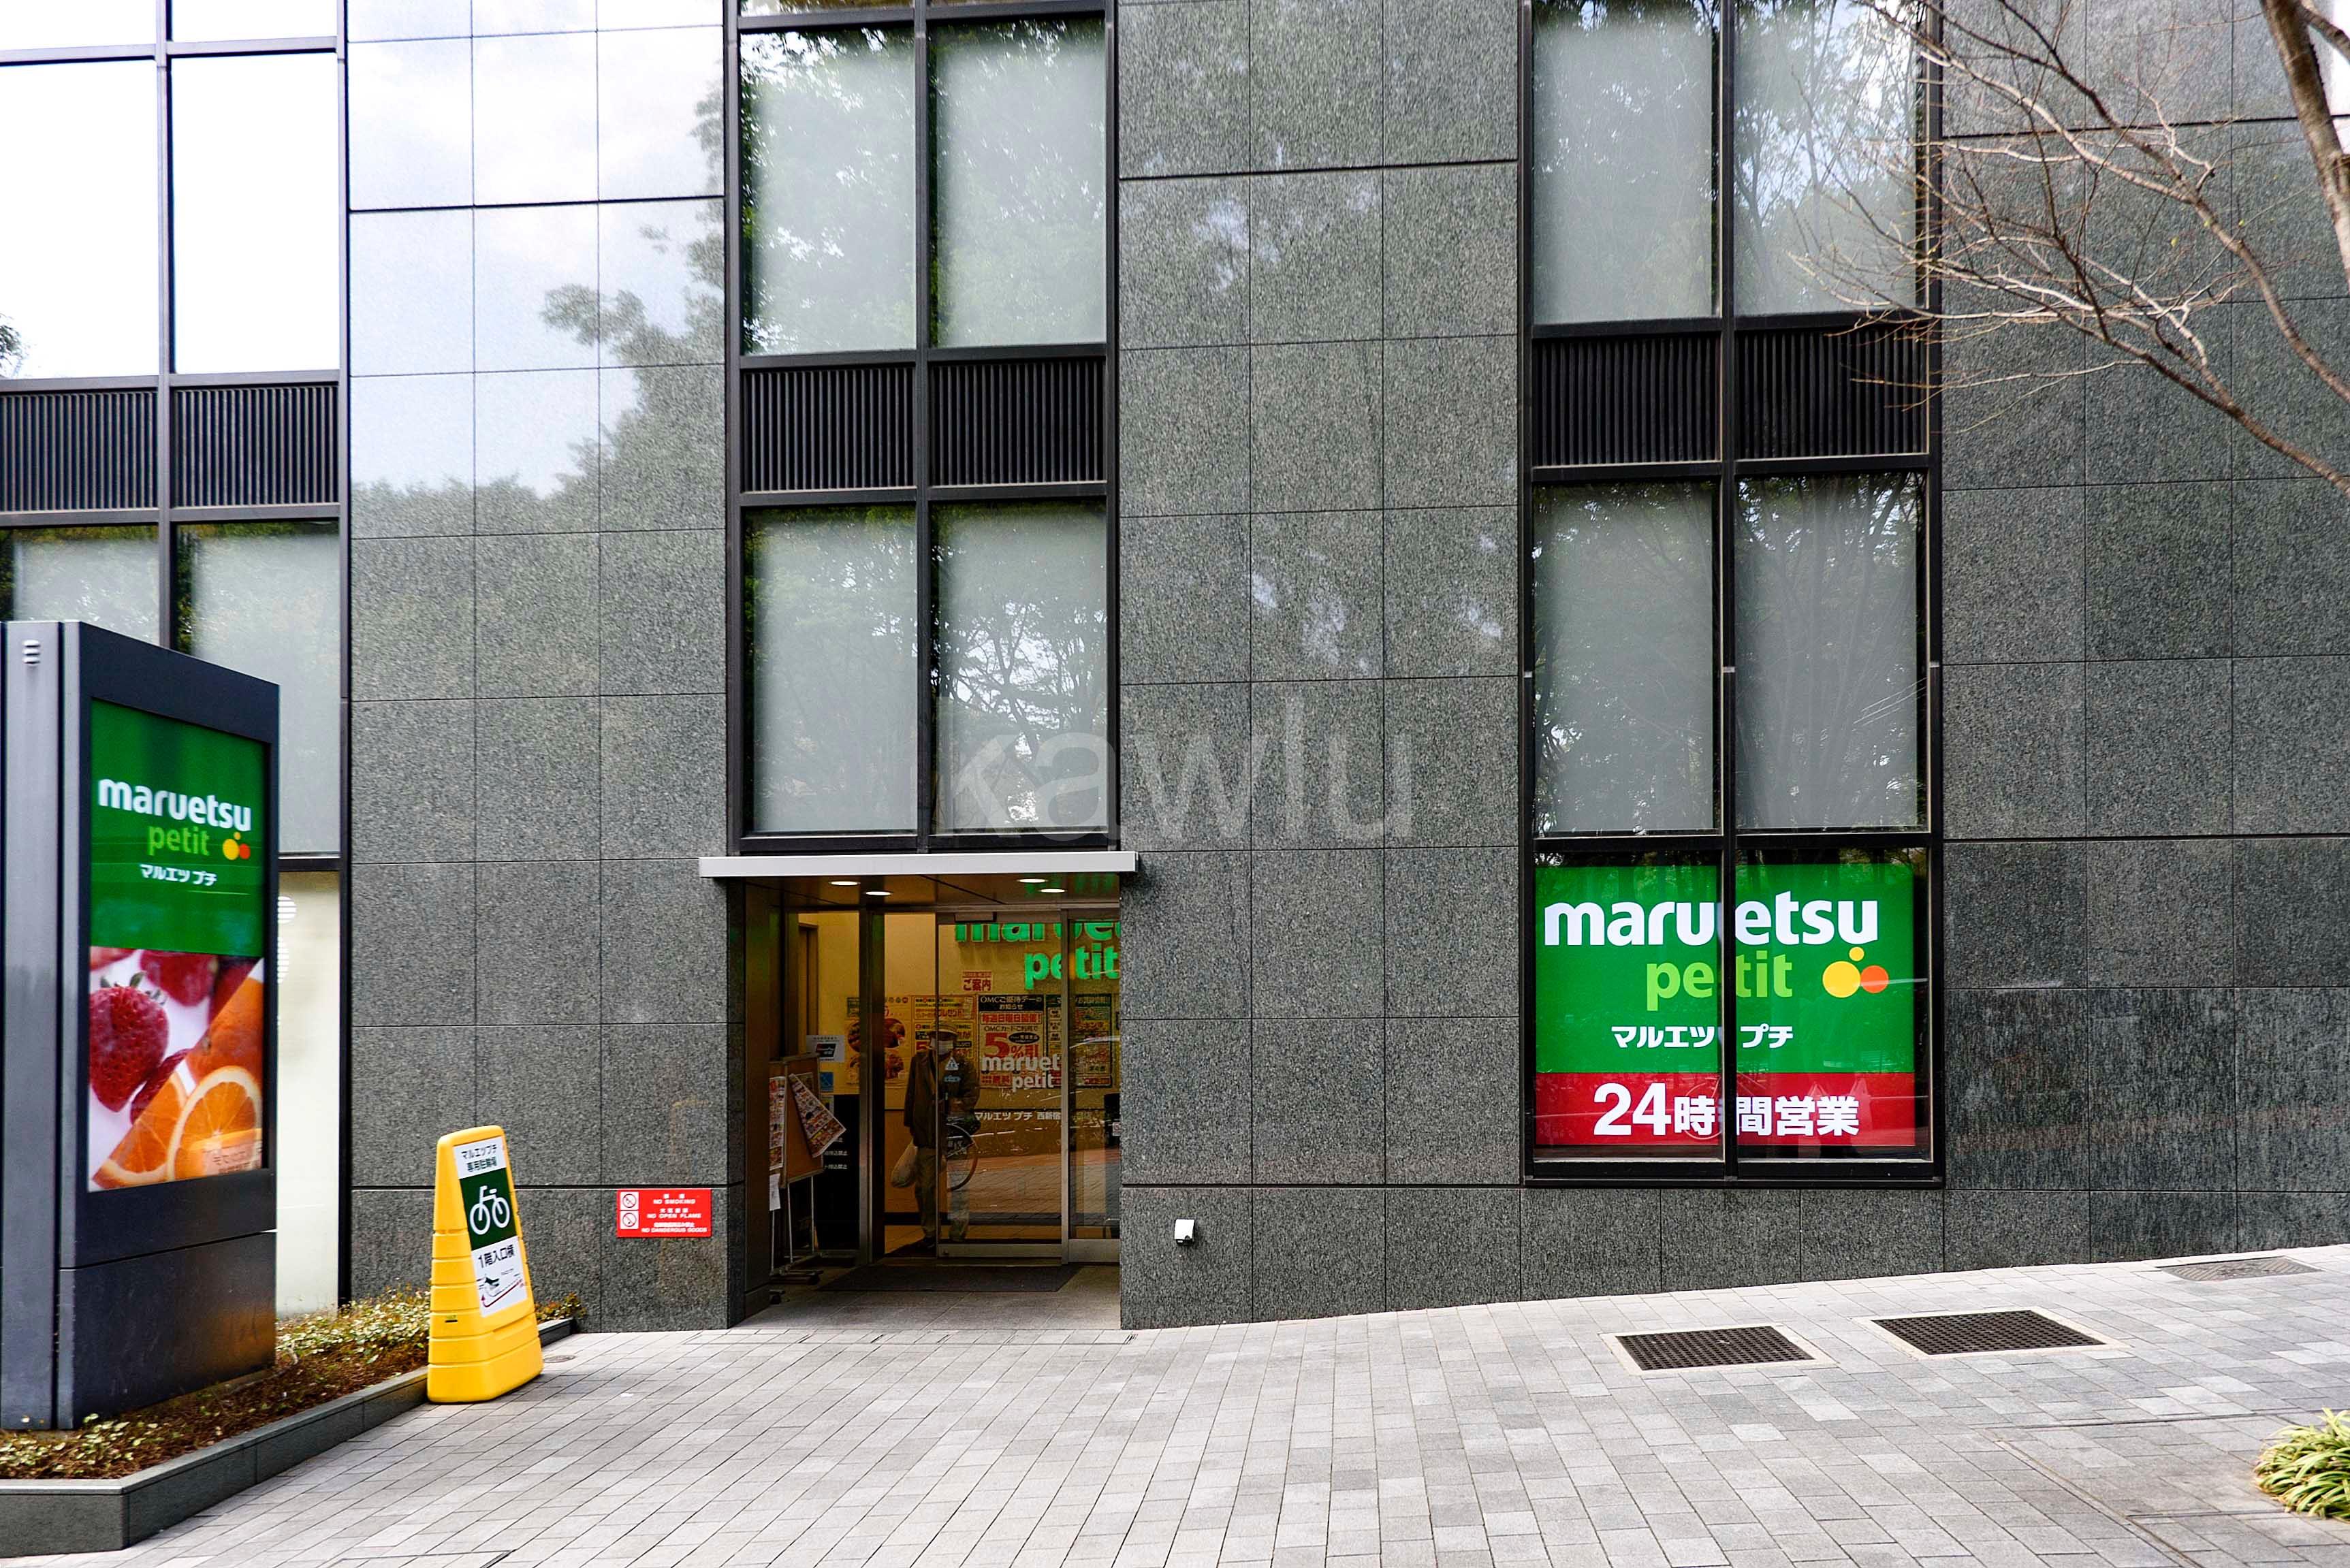 アトラスタワー西新宿_マルエツ